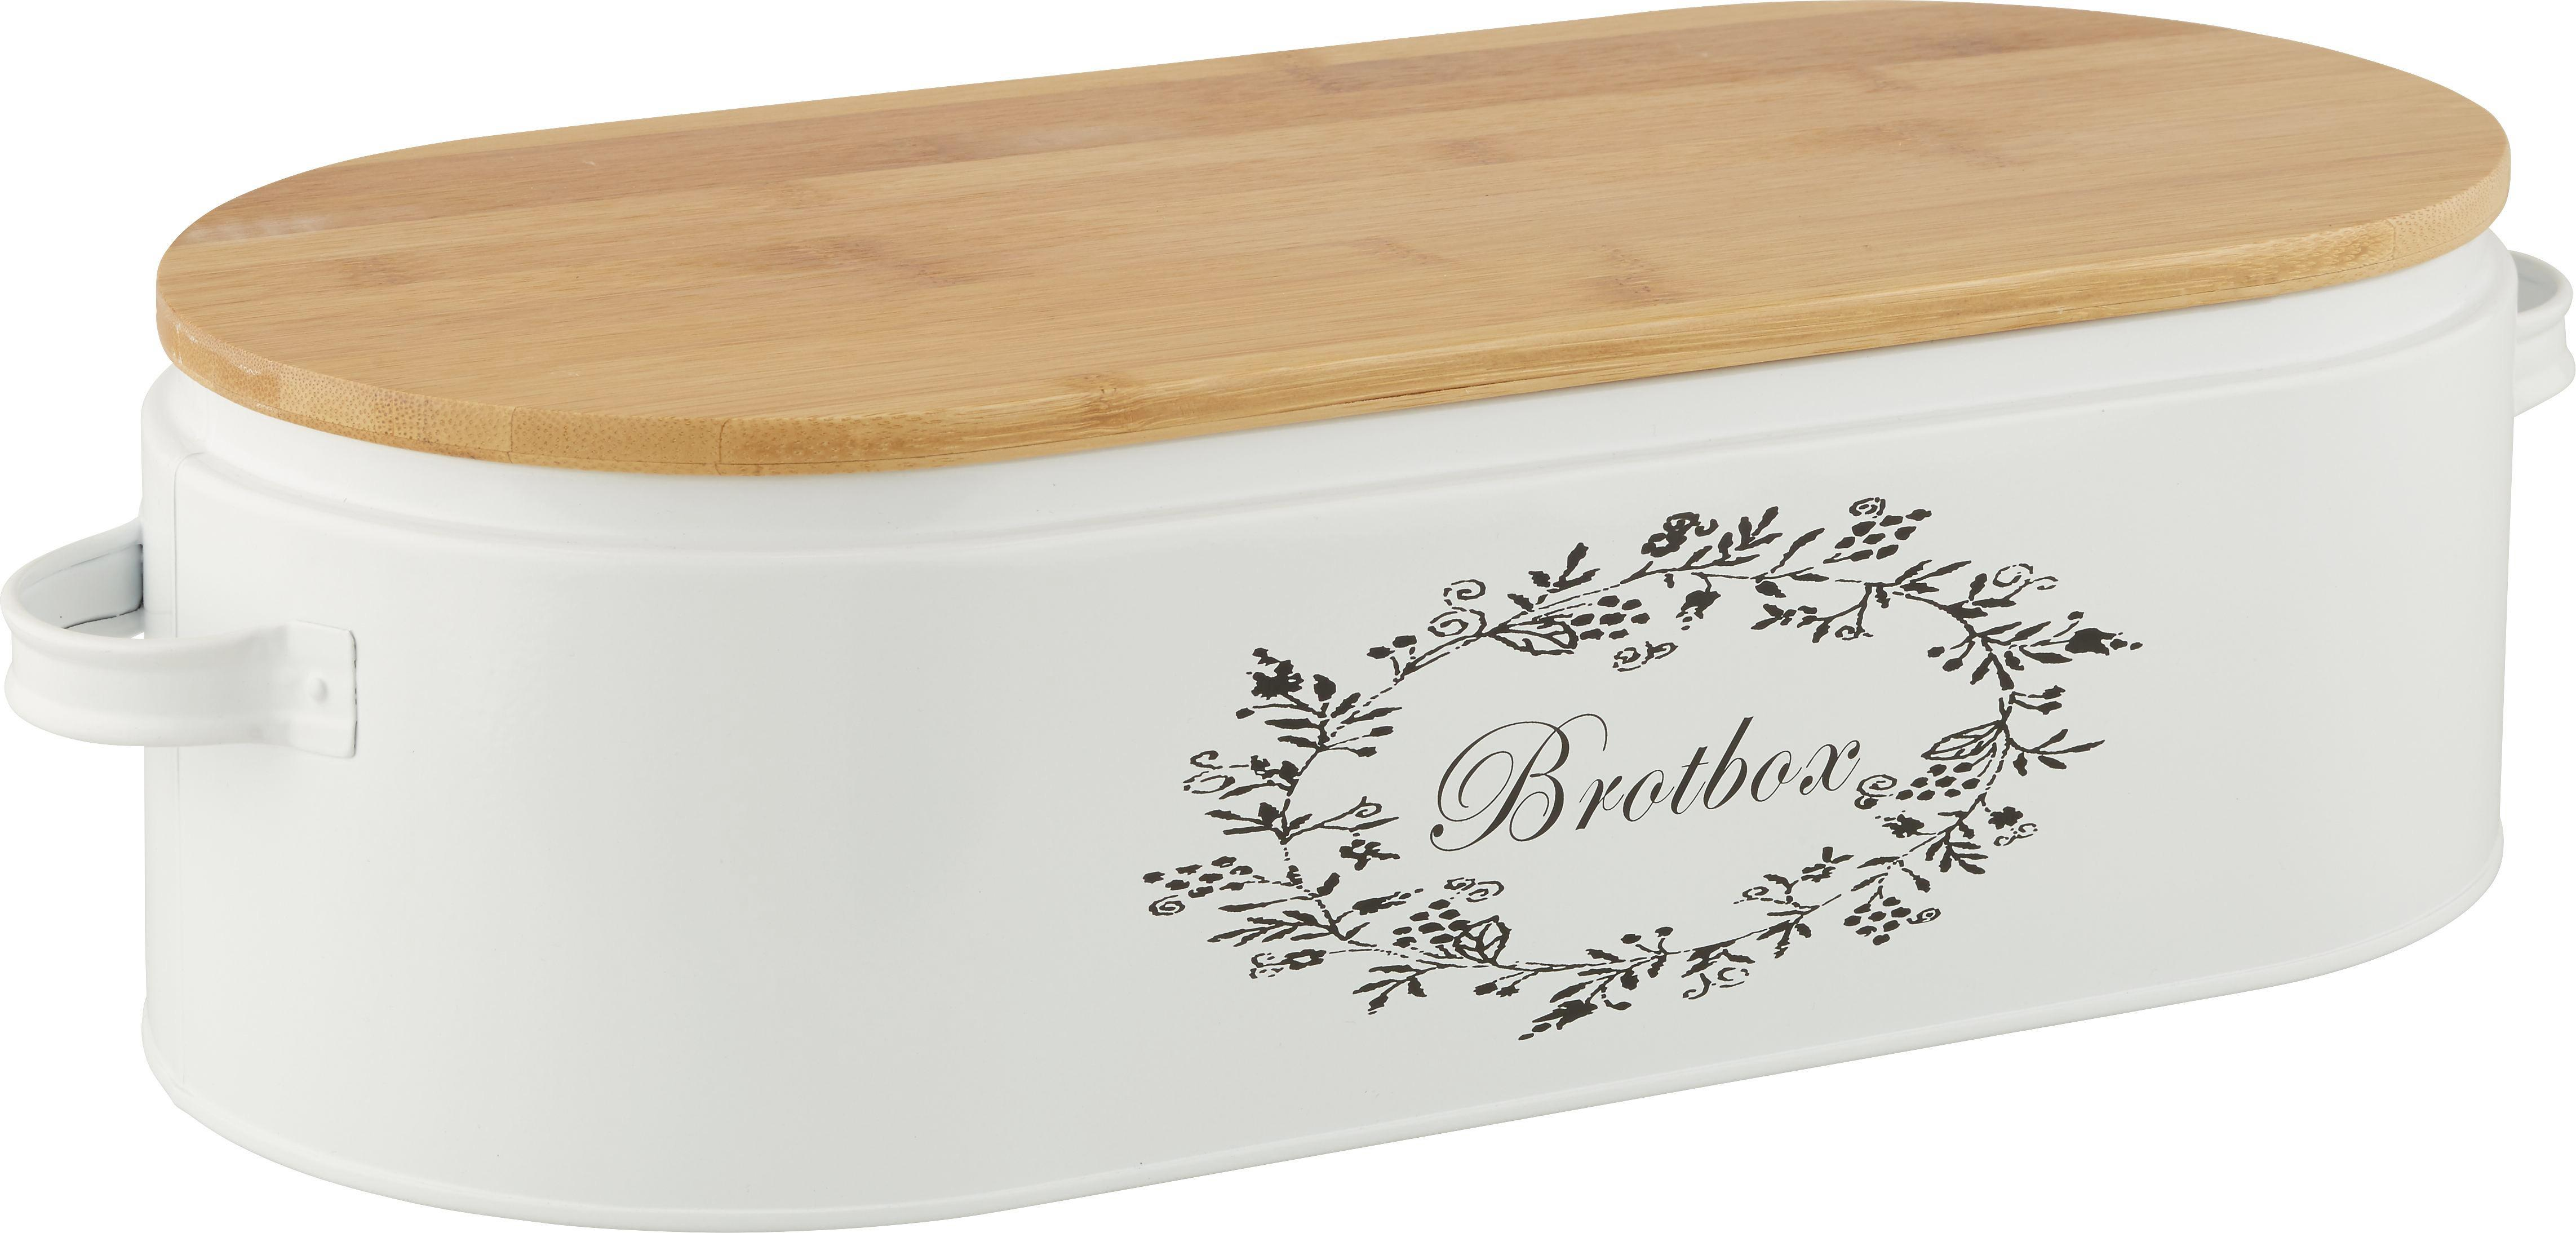 Box mit Deckel Lore in Weiß aus Echtholz - Weiß, ROMANTIK / LANDHAUS, Holz/Metall (43,5/20,5/13cm) - ZANDIARA